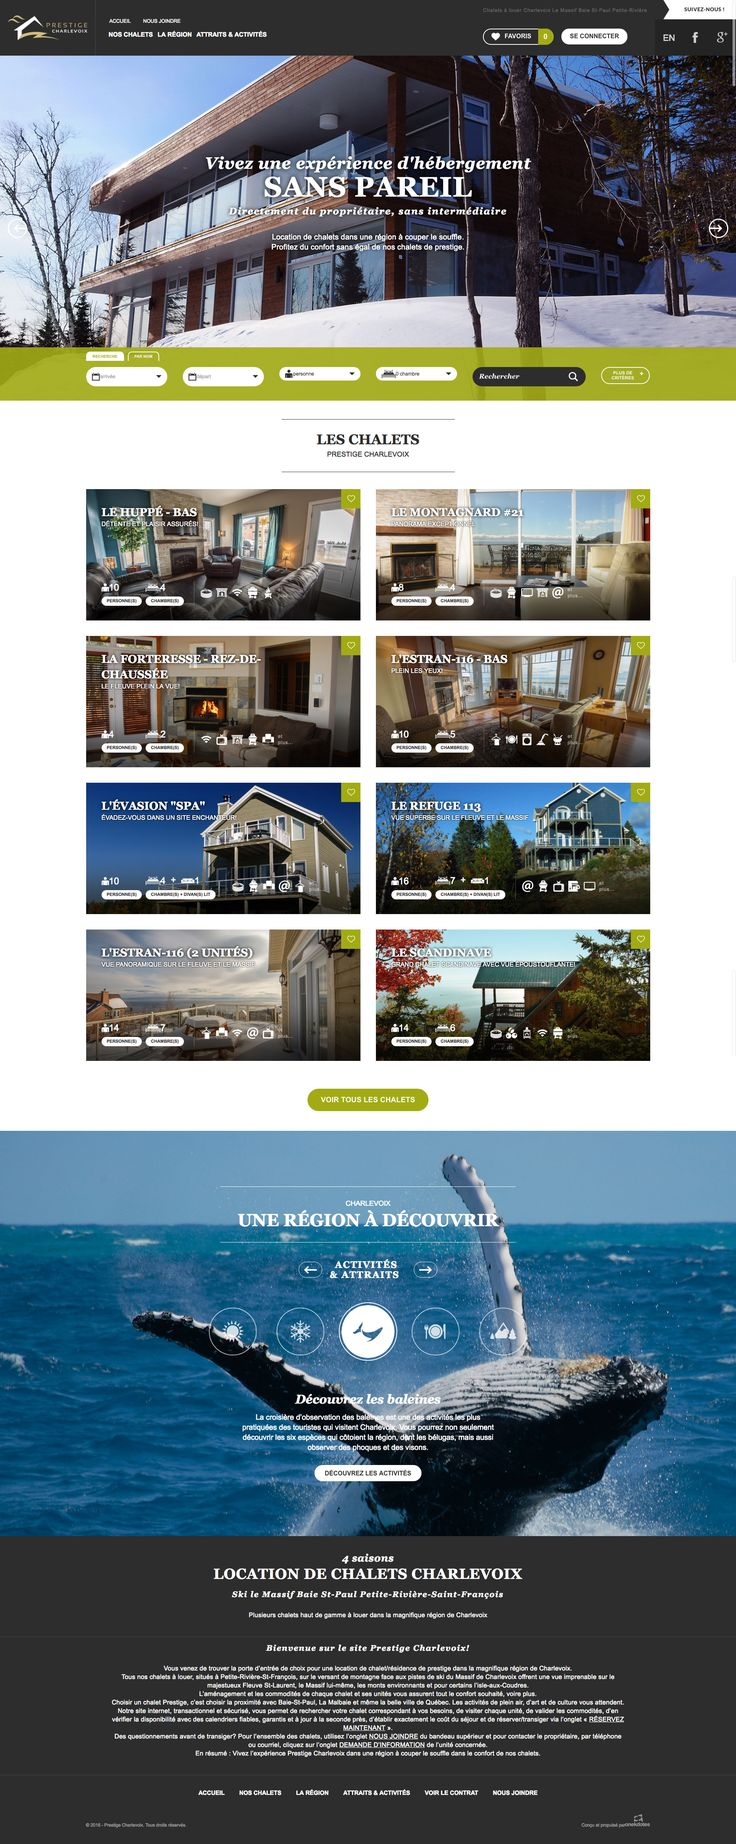 Nos Réalisations: Le nouveau site de location de chalets. Chalets à louer Charlevoix Le Massif Baie St-Paul Petite-Rivière #chalets #plein-air #Charlevoix #webdesign